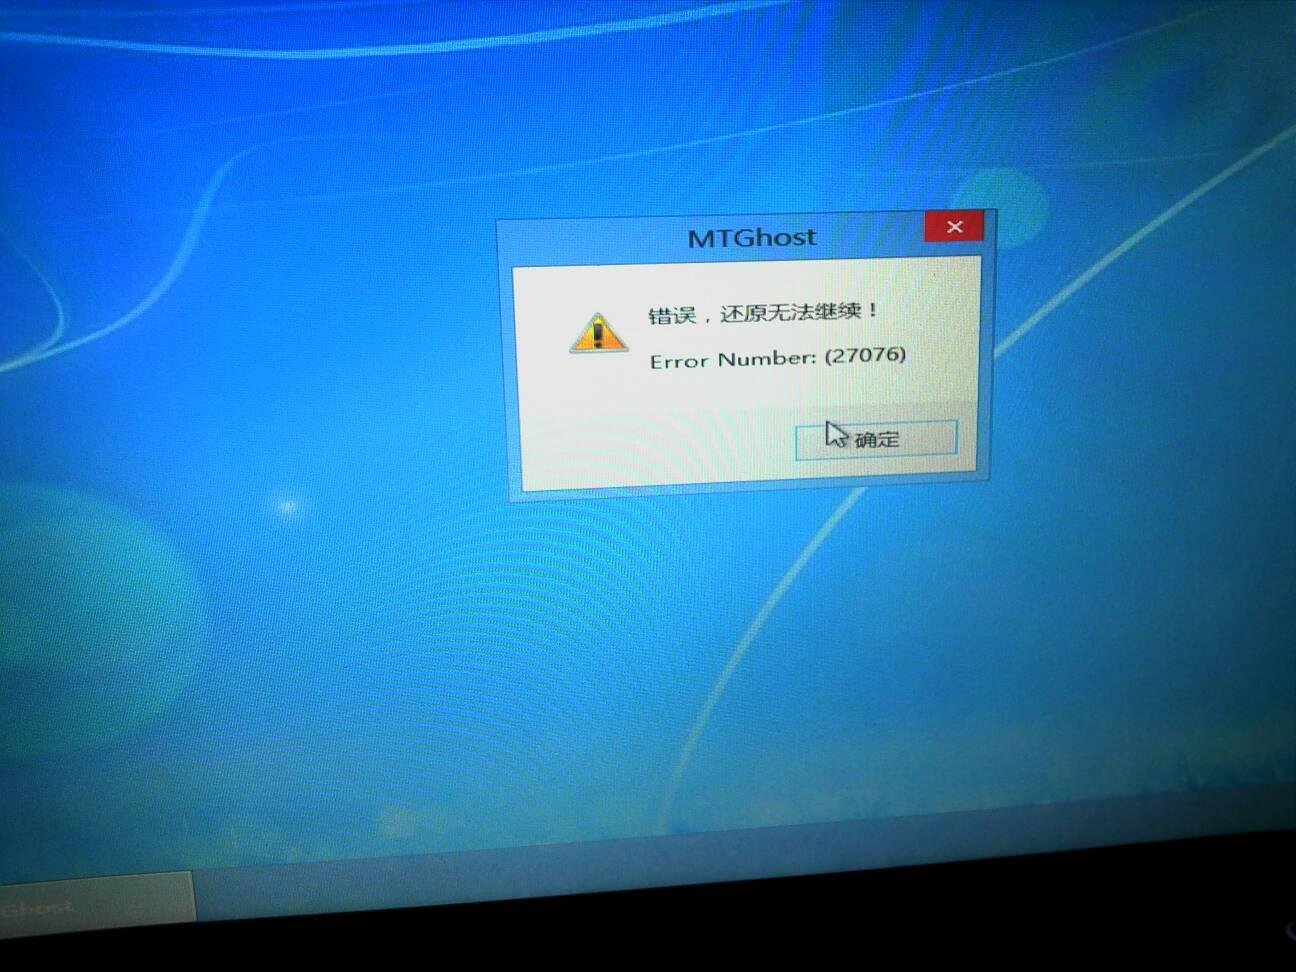 这是怎么回事安装系统说decompression error,abort